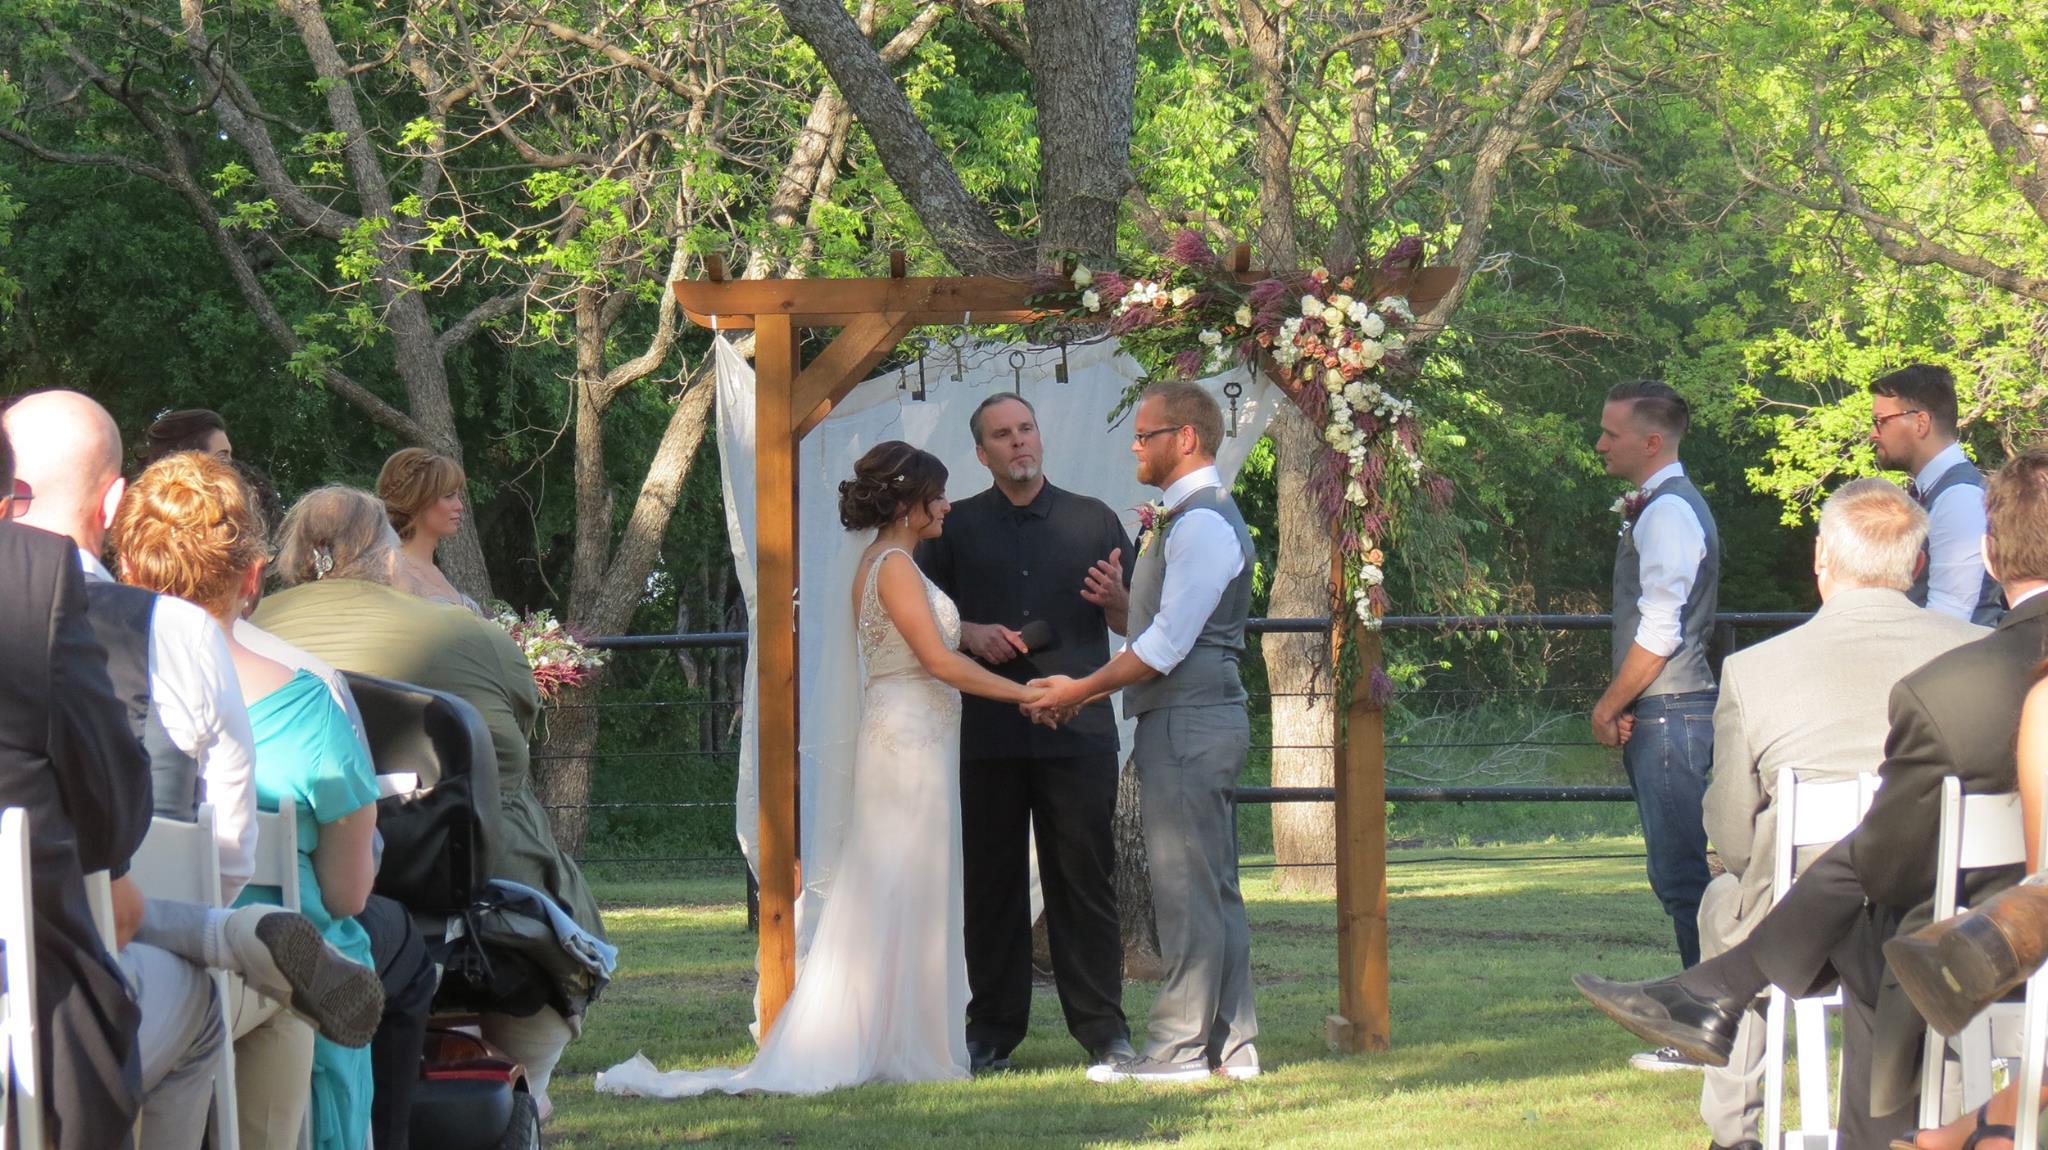 rustic outdoor wedding decor